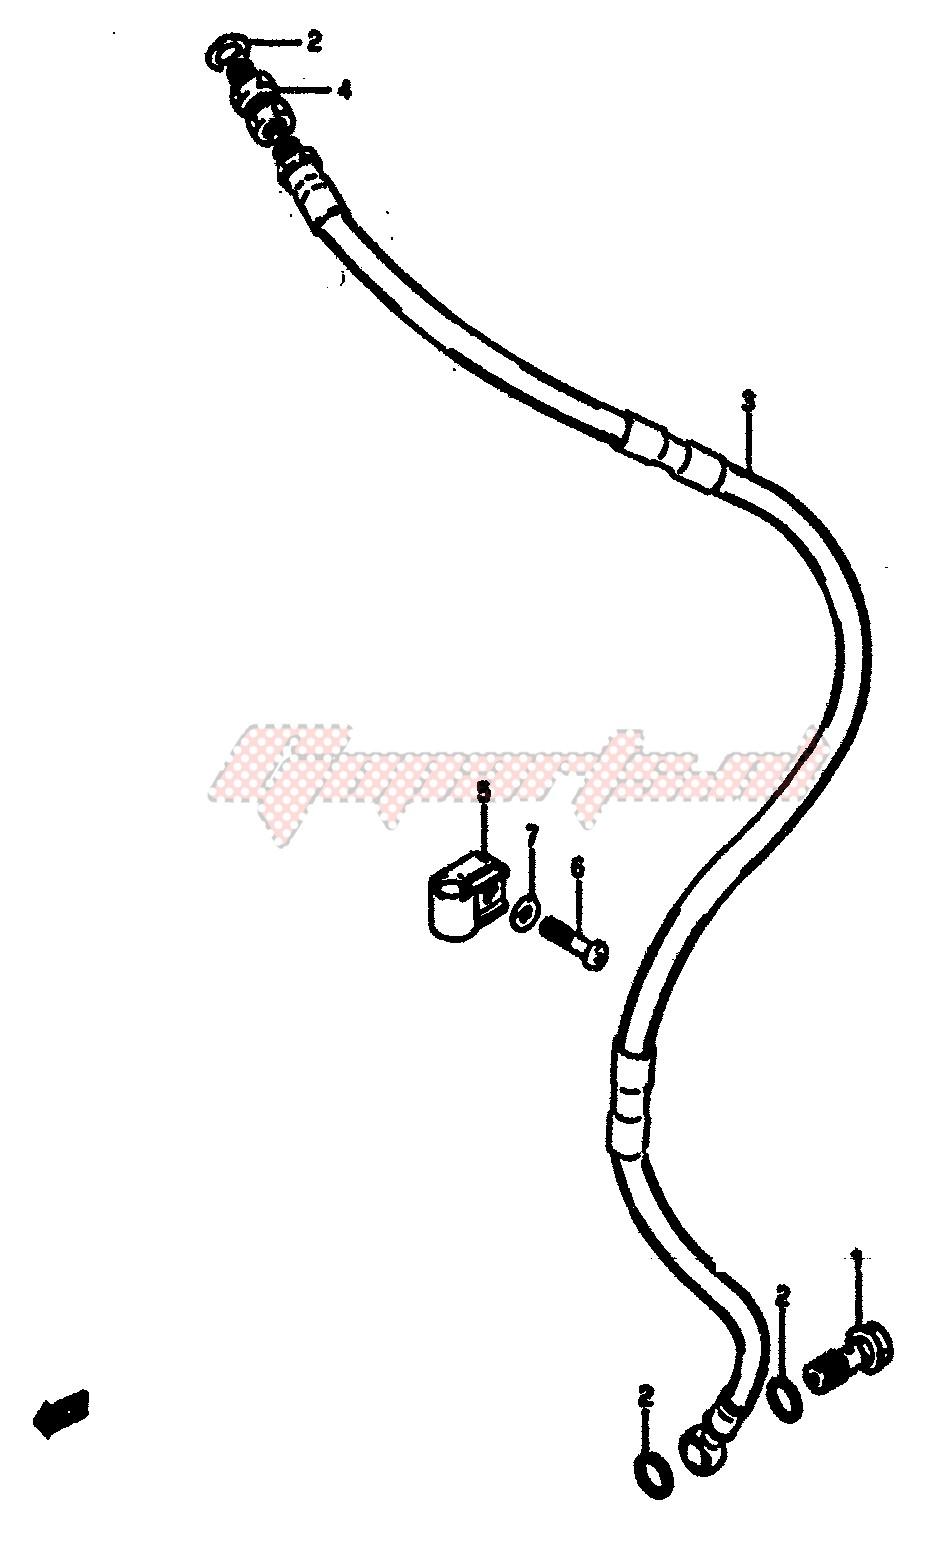 FRONT BRAKE HOSE (MODEL F) blueprint